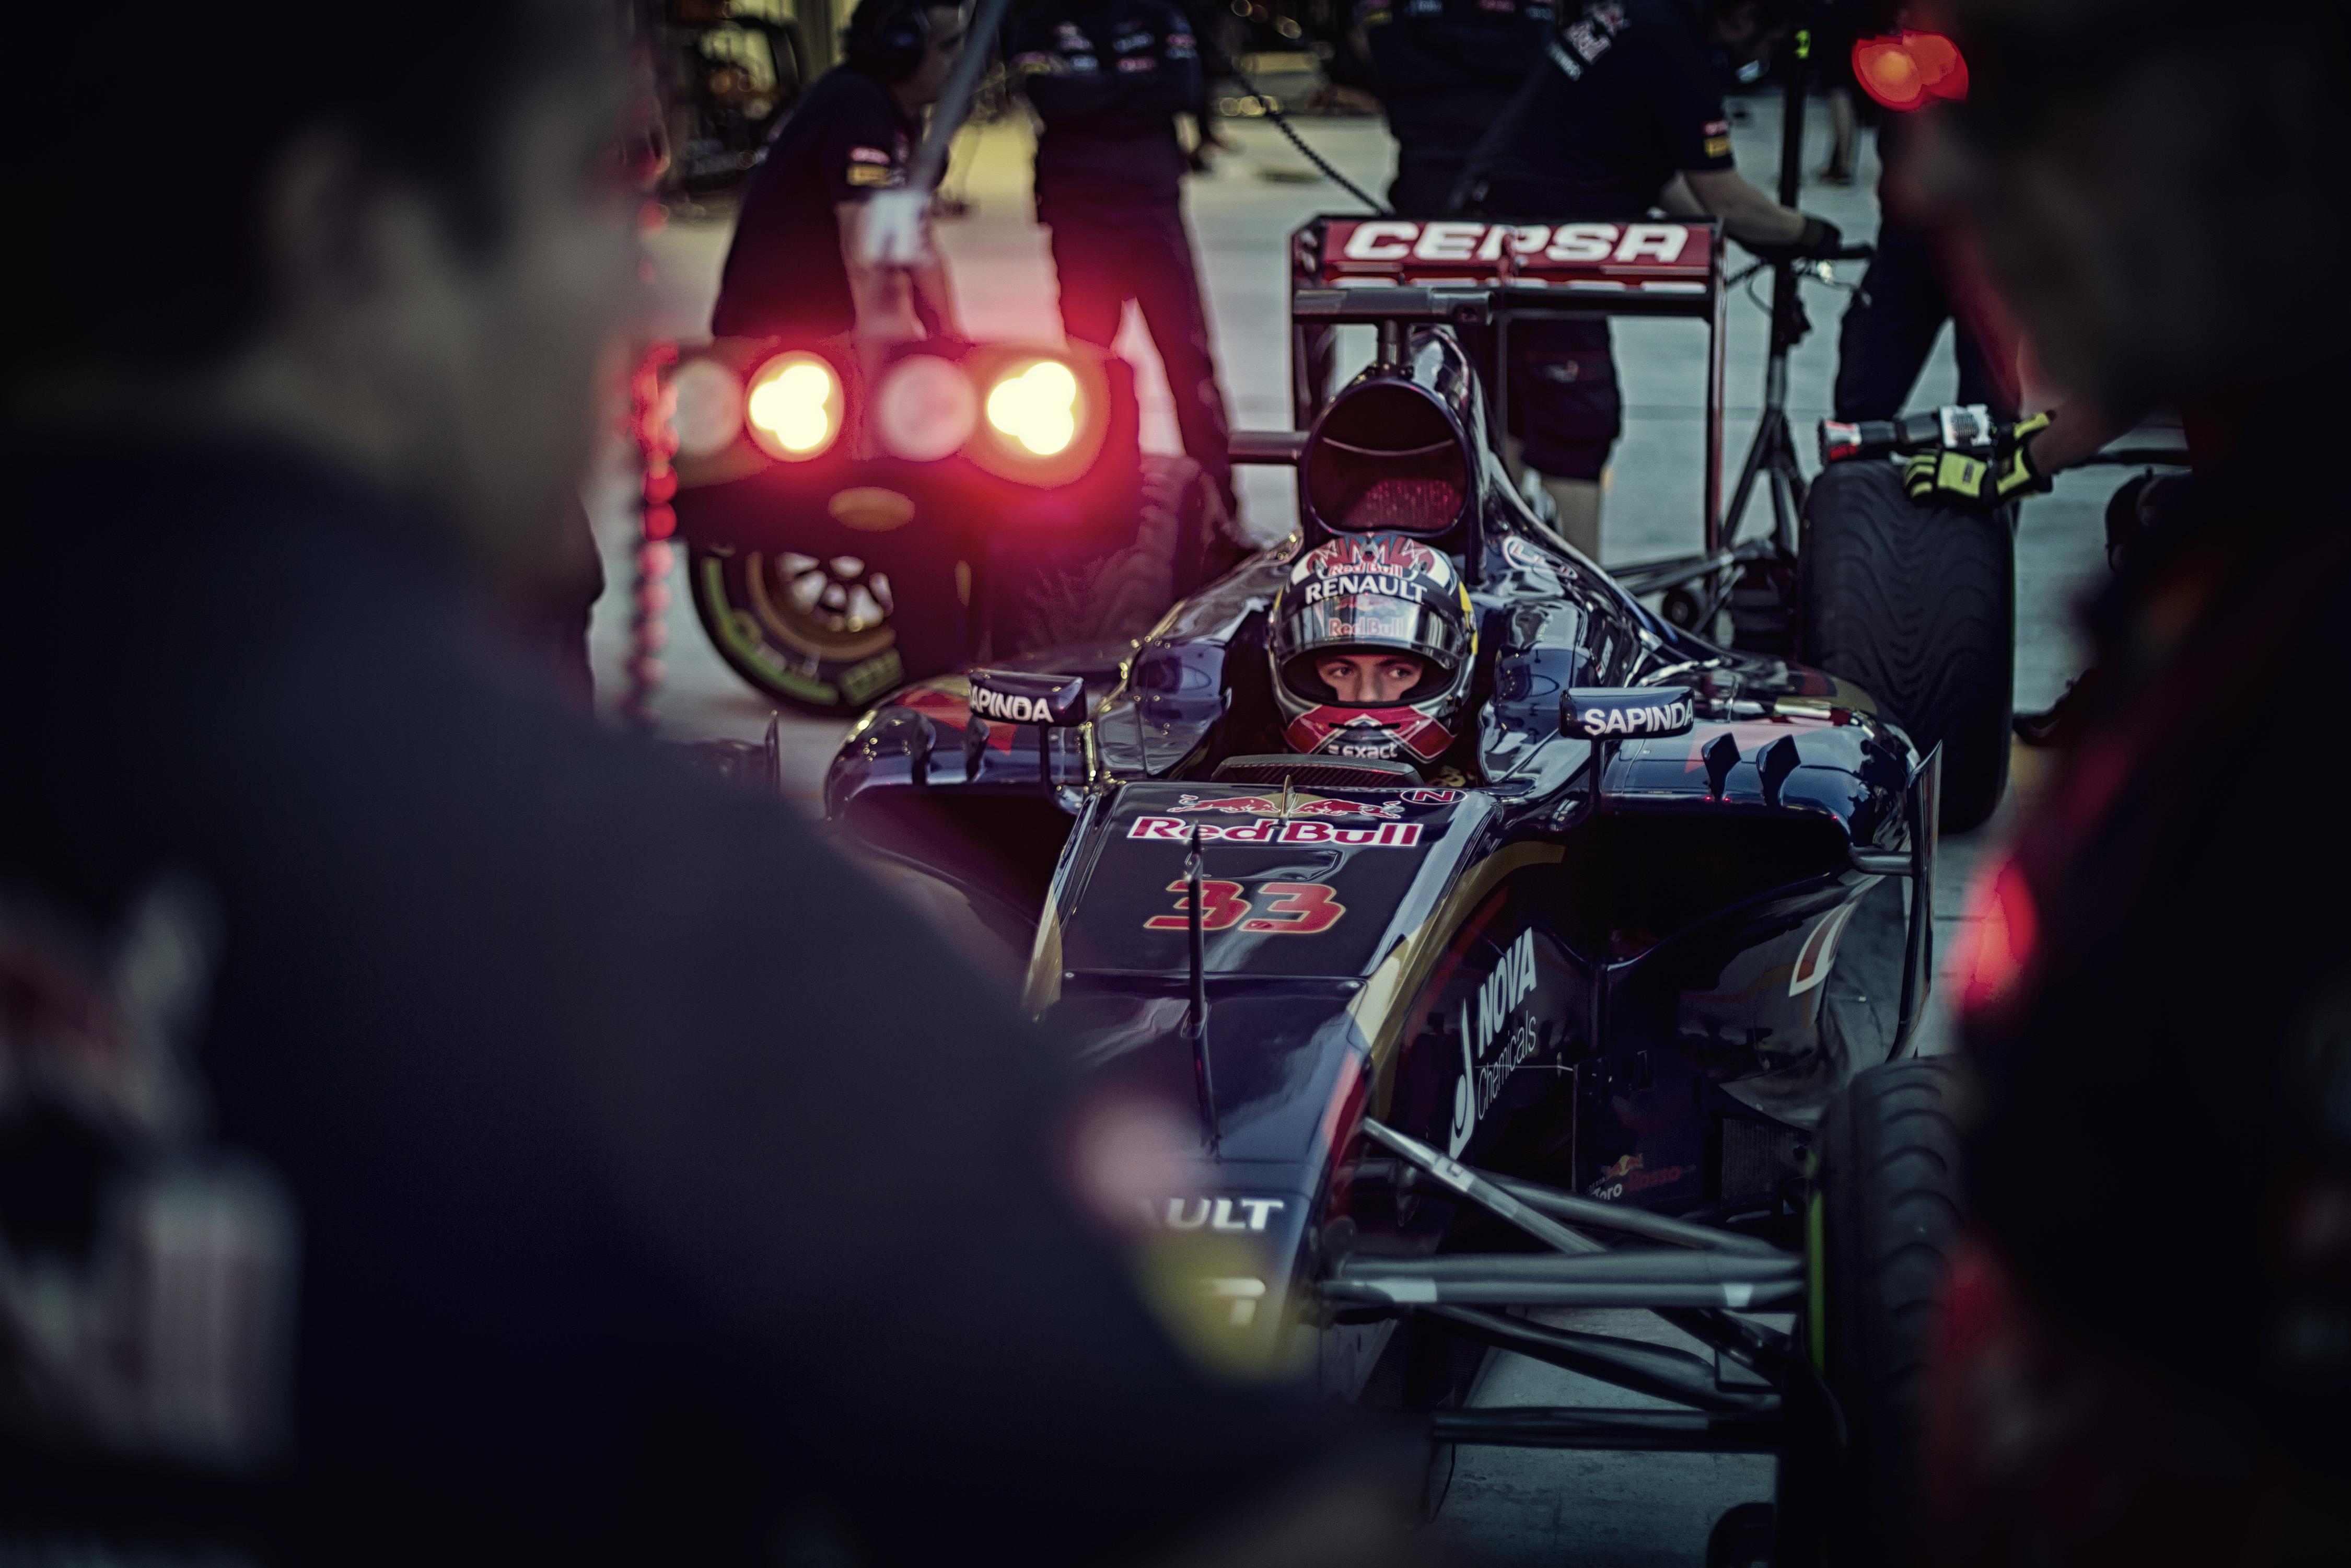 Verstappen este benéz Sainzhoz a kórházba - lényeg, hogy a csapattársa rendben van!